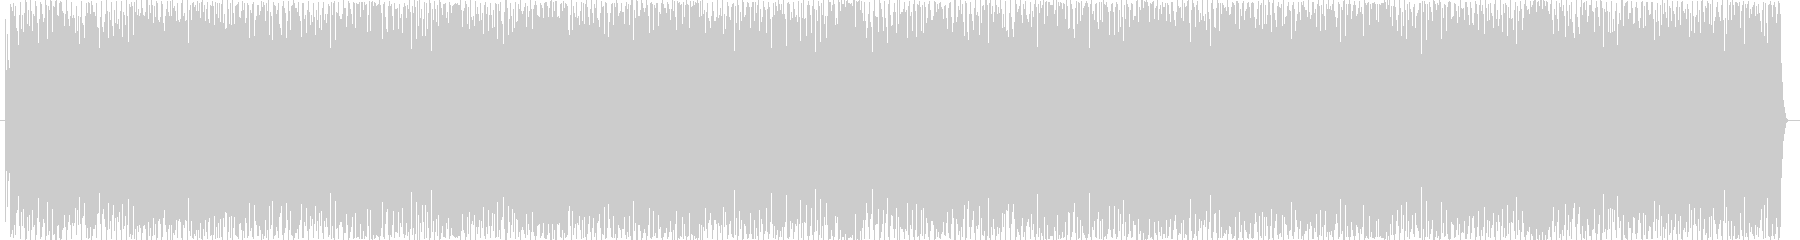 にぎやかで楽しいラテンサウンドの未再生の波形